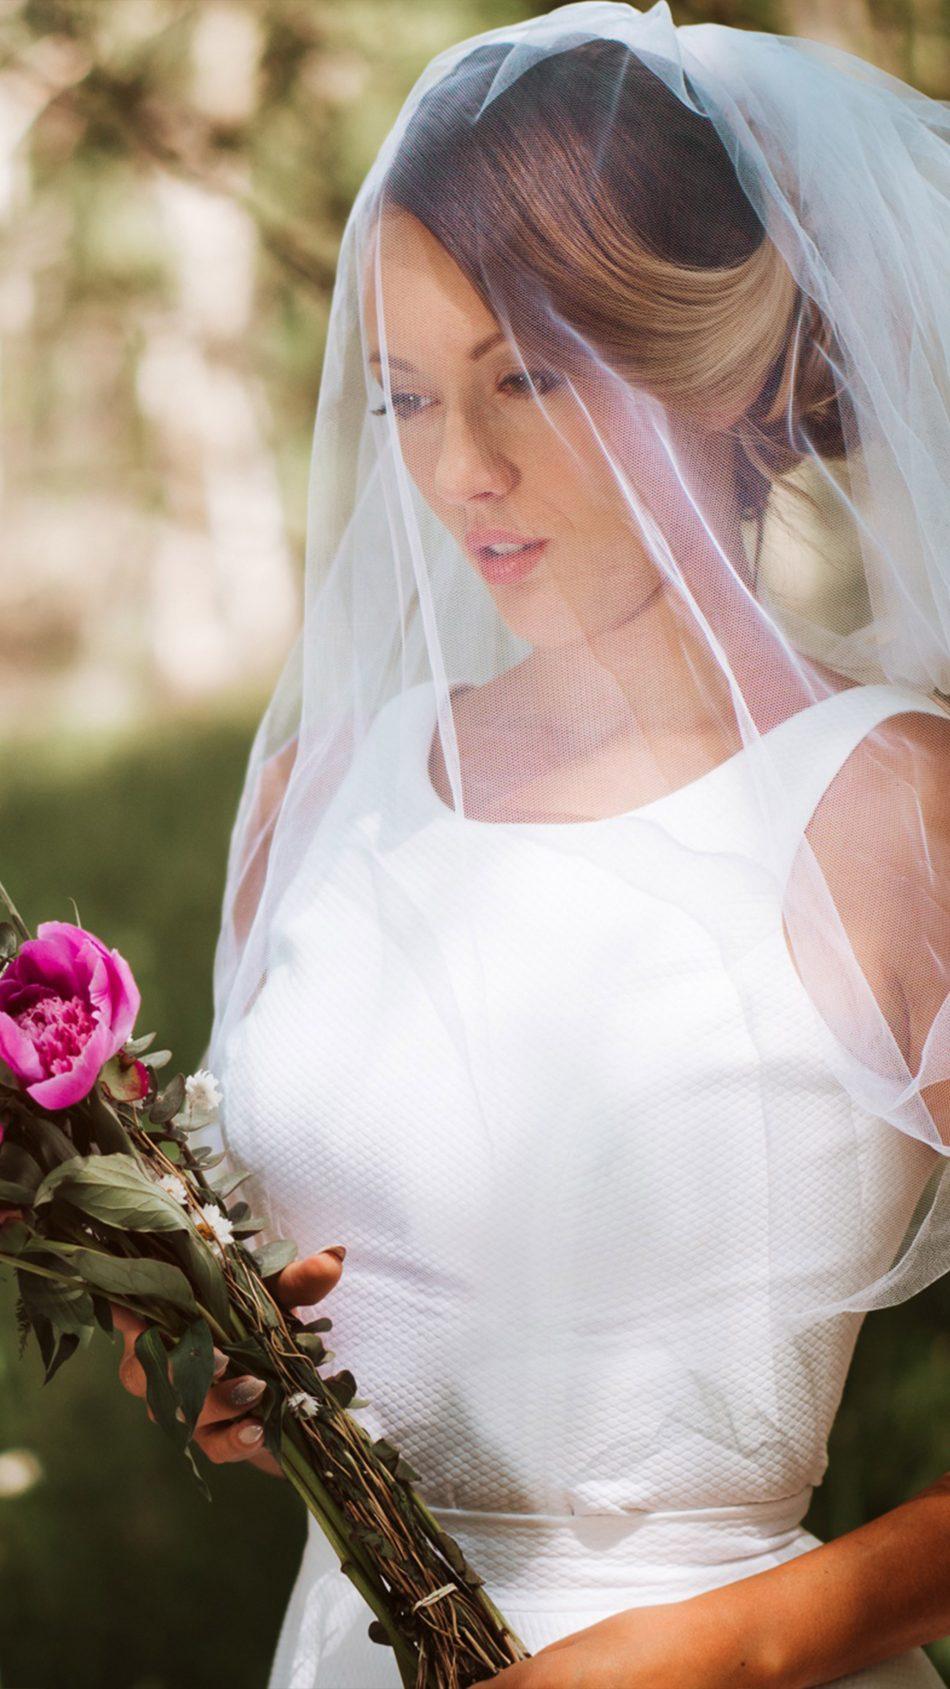 Woman Bride Wedding Dress Flowers 4K Ultra HD Mobile Wallpaper